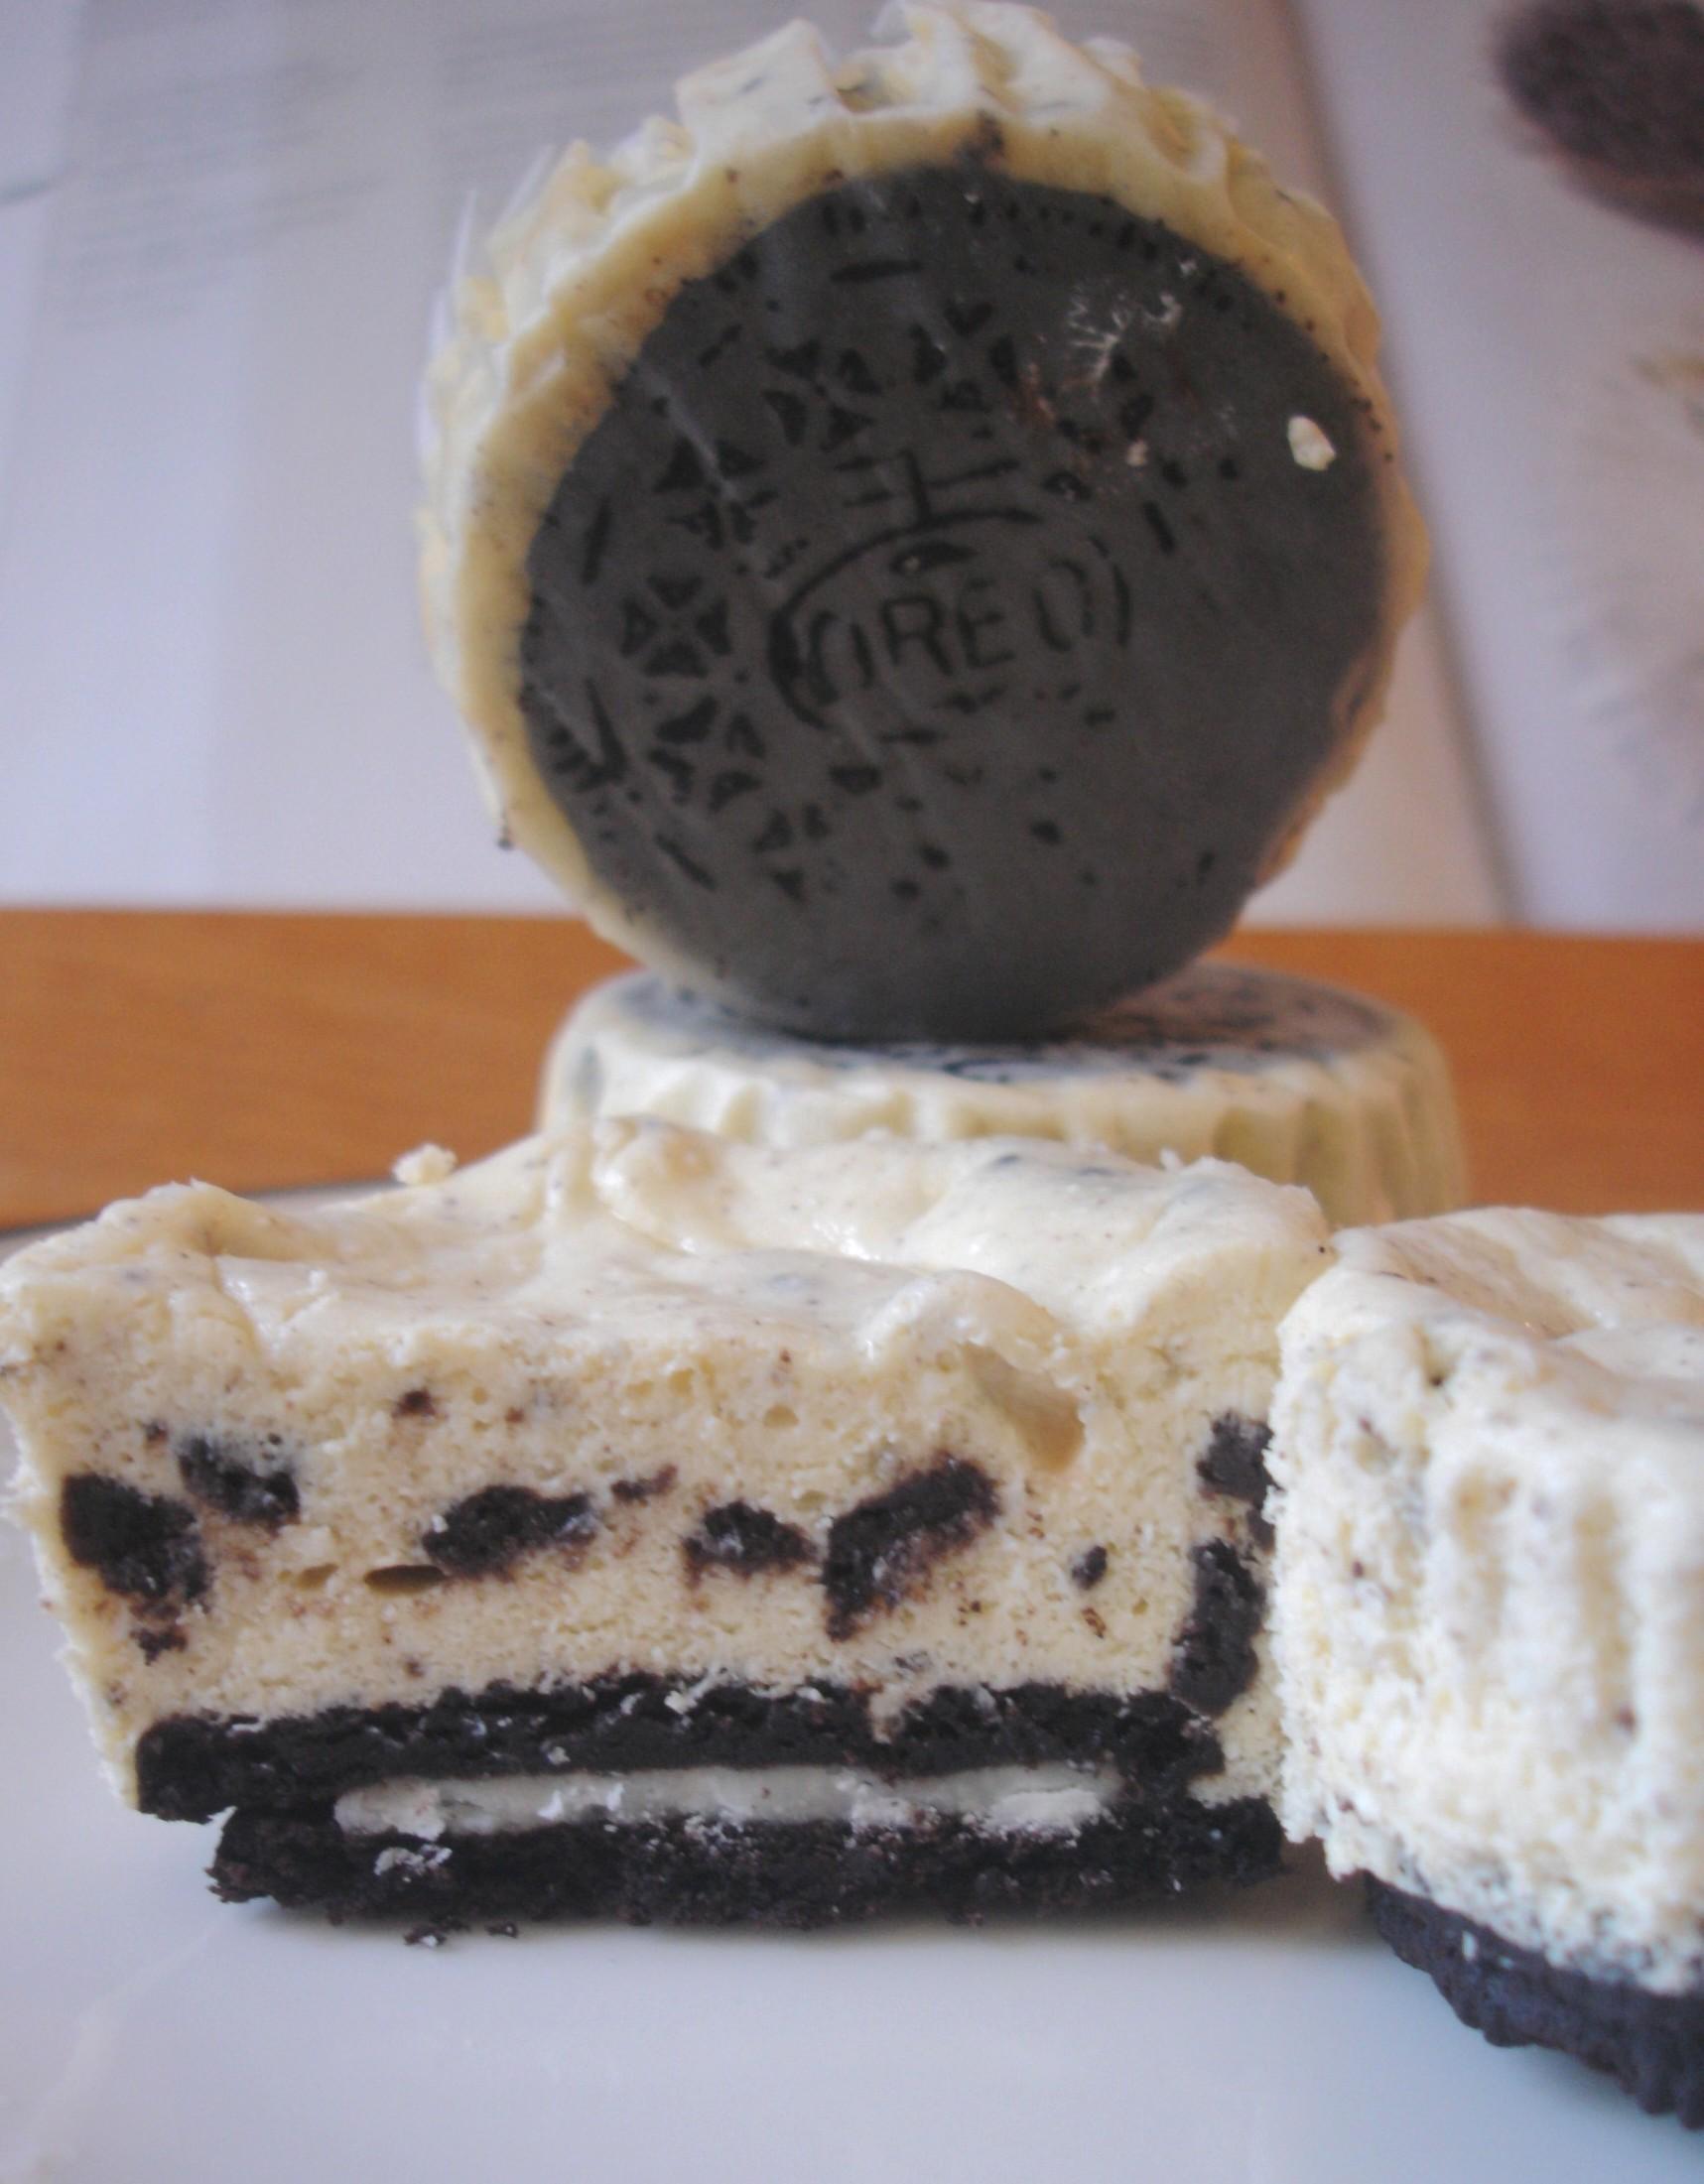 Cheesecake Batter Ice Cream  Dsc